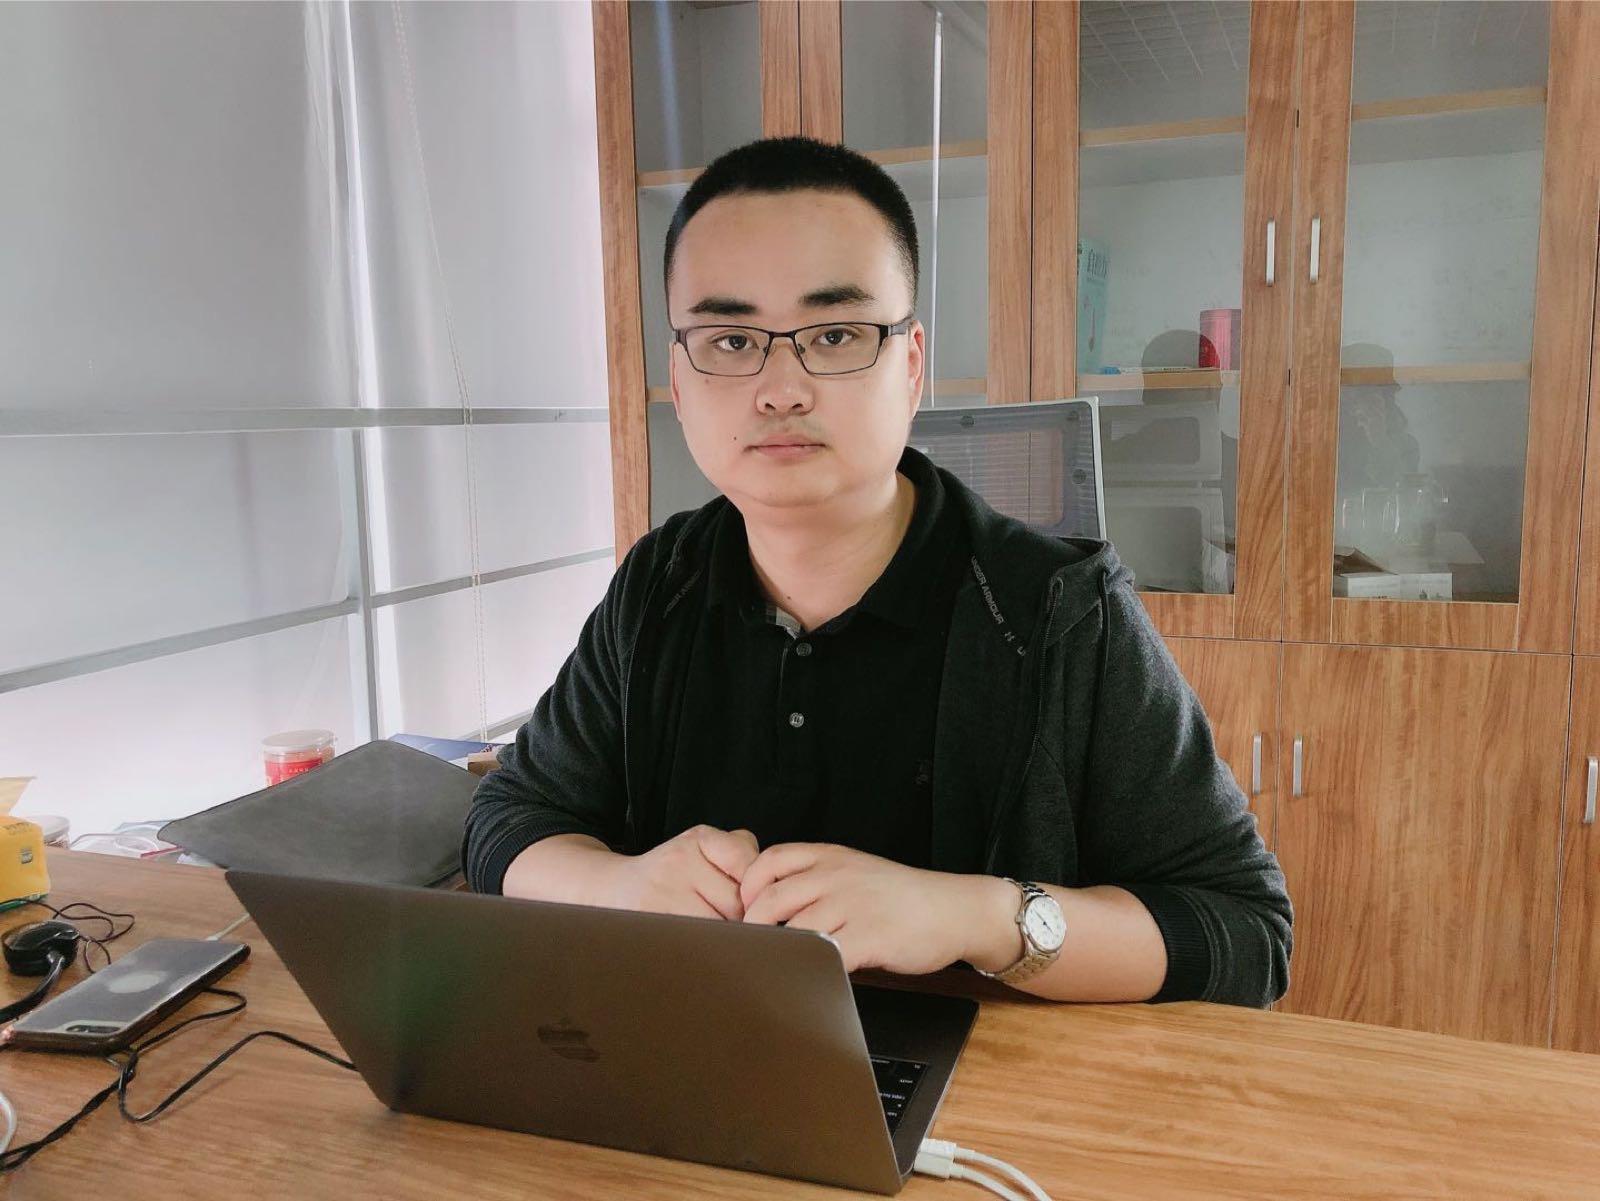 总结成立一年多来的经验,吉翔认为睿沿科技的核心竞争力是深耕垂直领域。